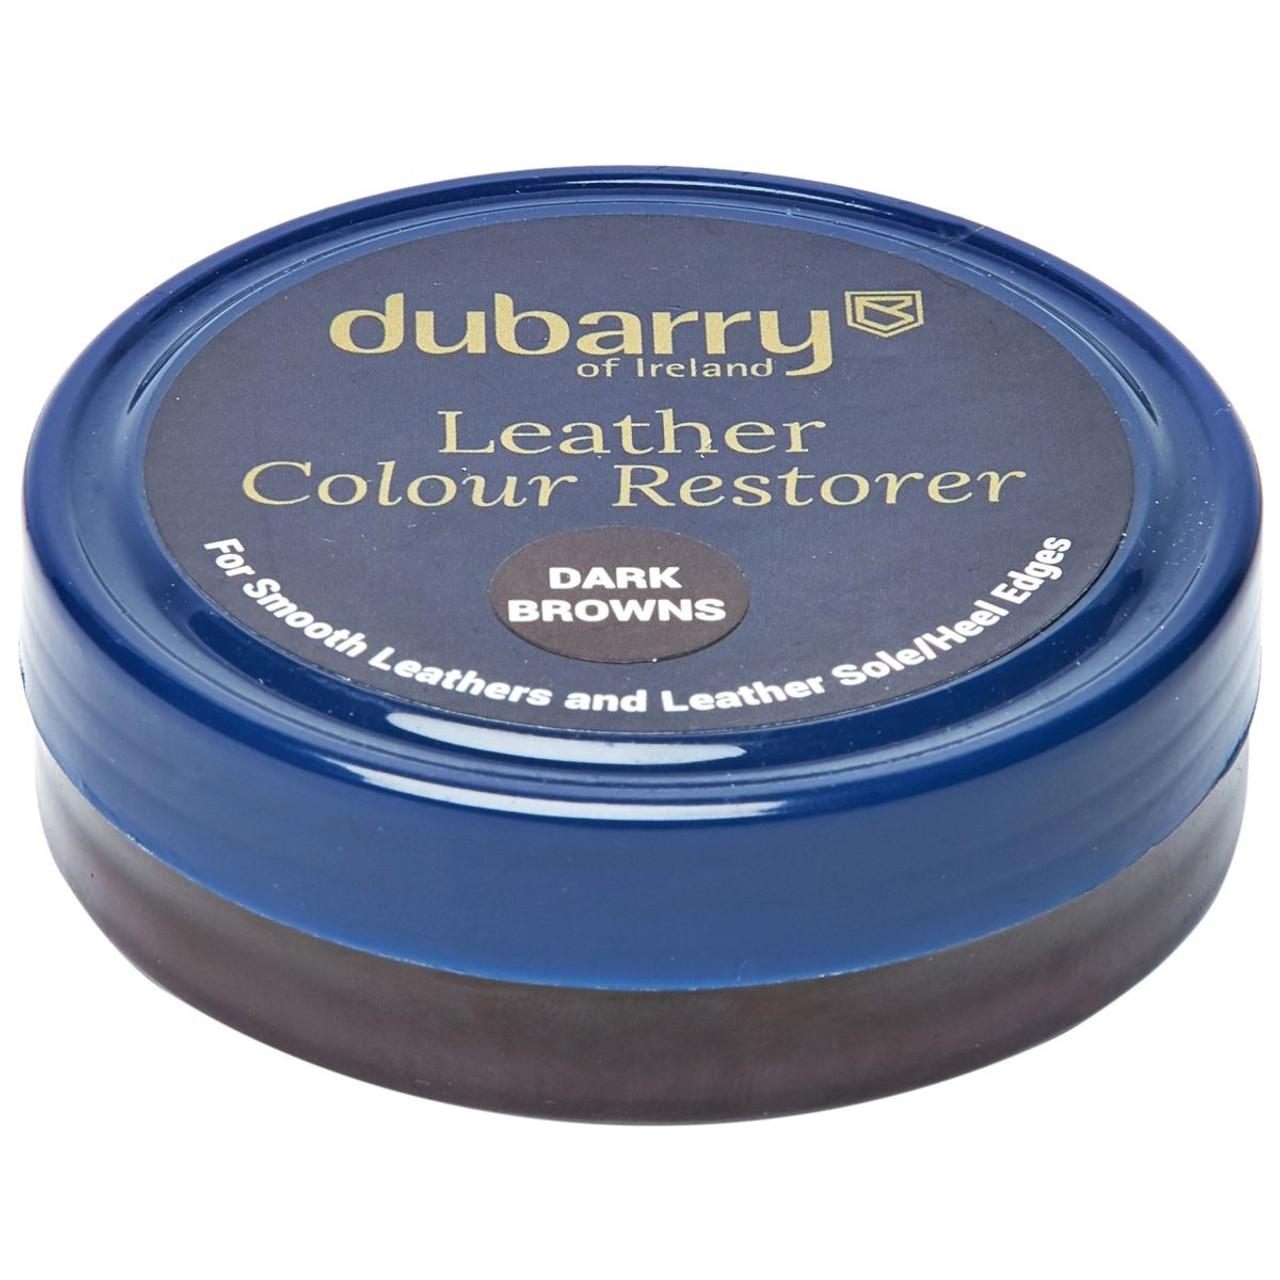 Dubarry Leather Colour Restorer Cream Dark Brown